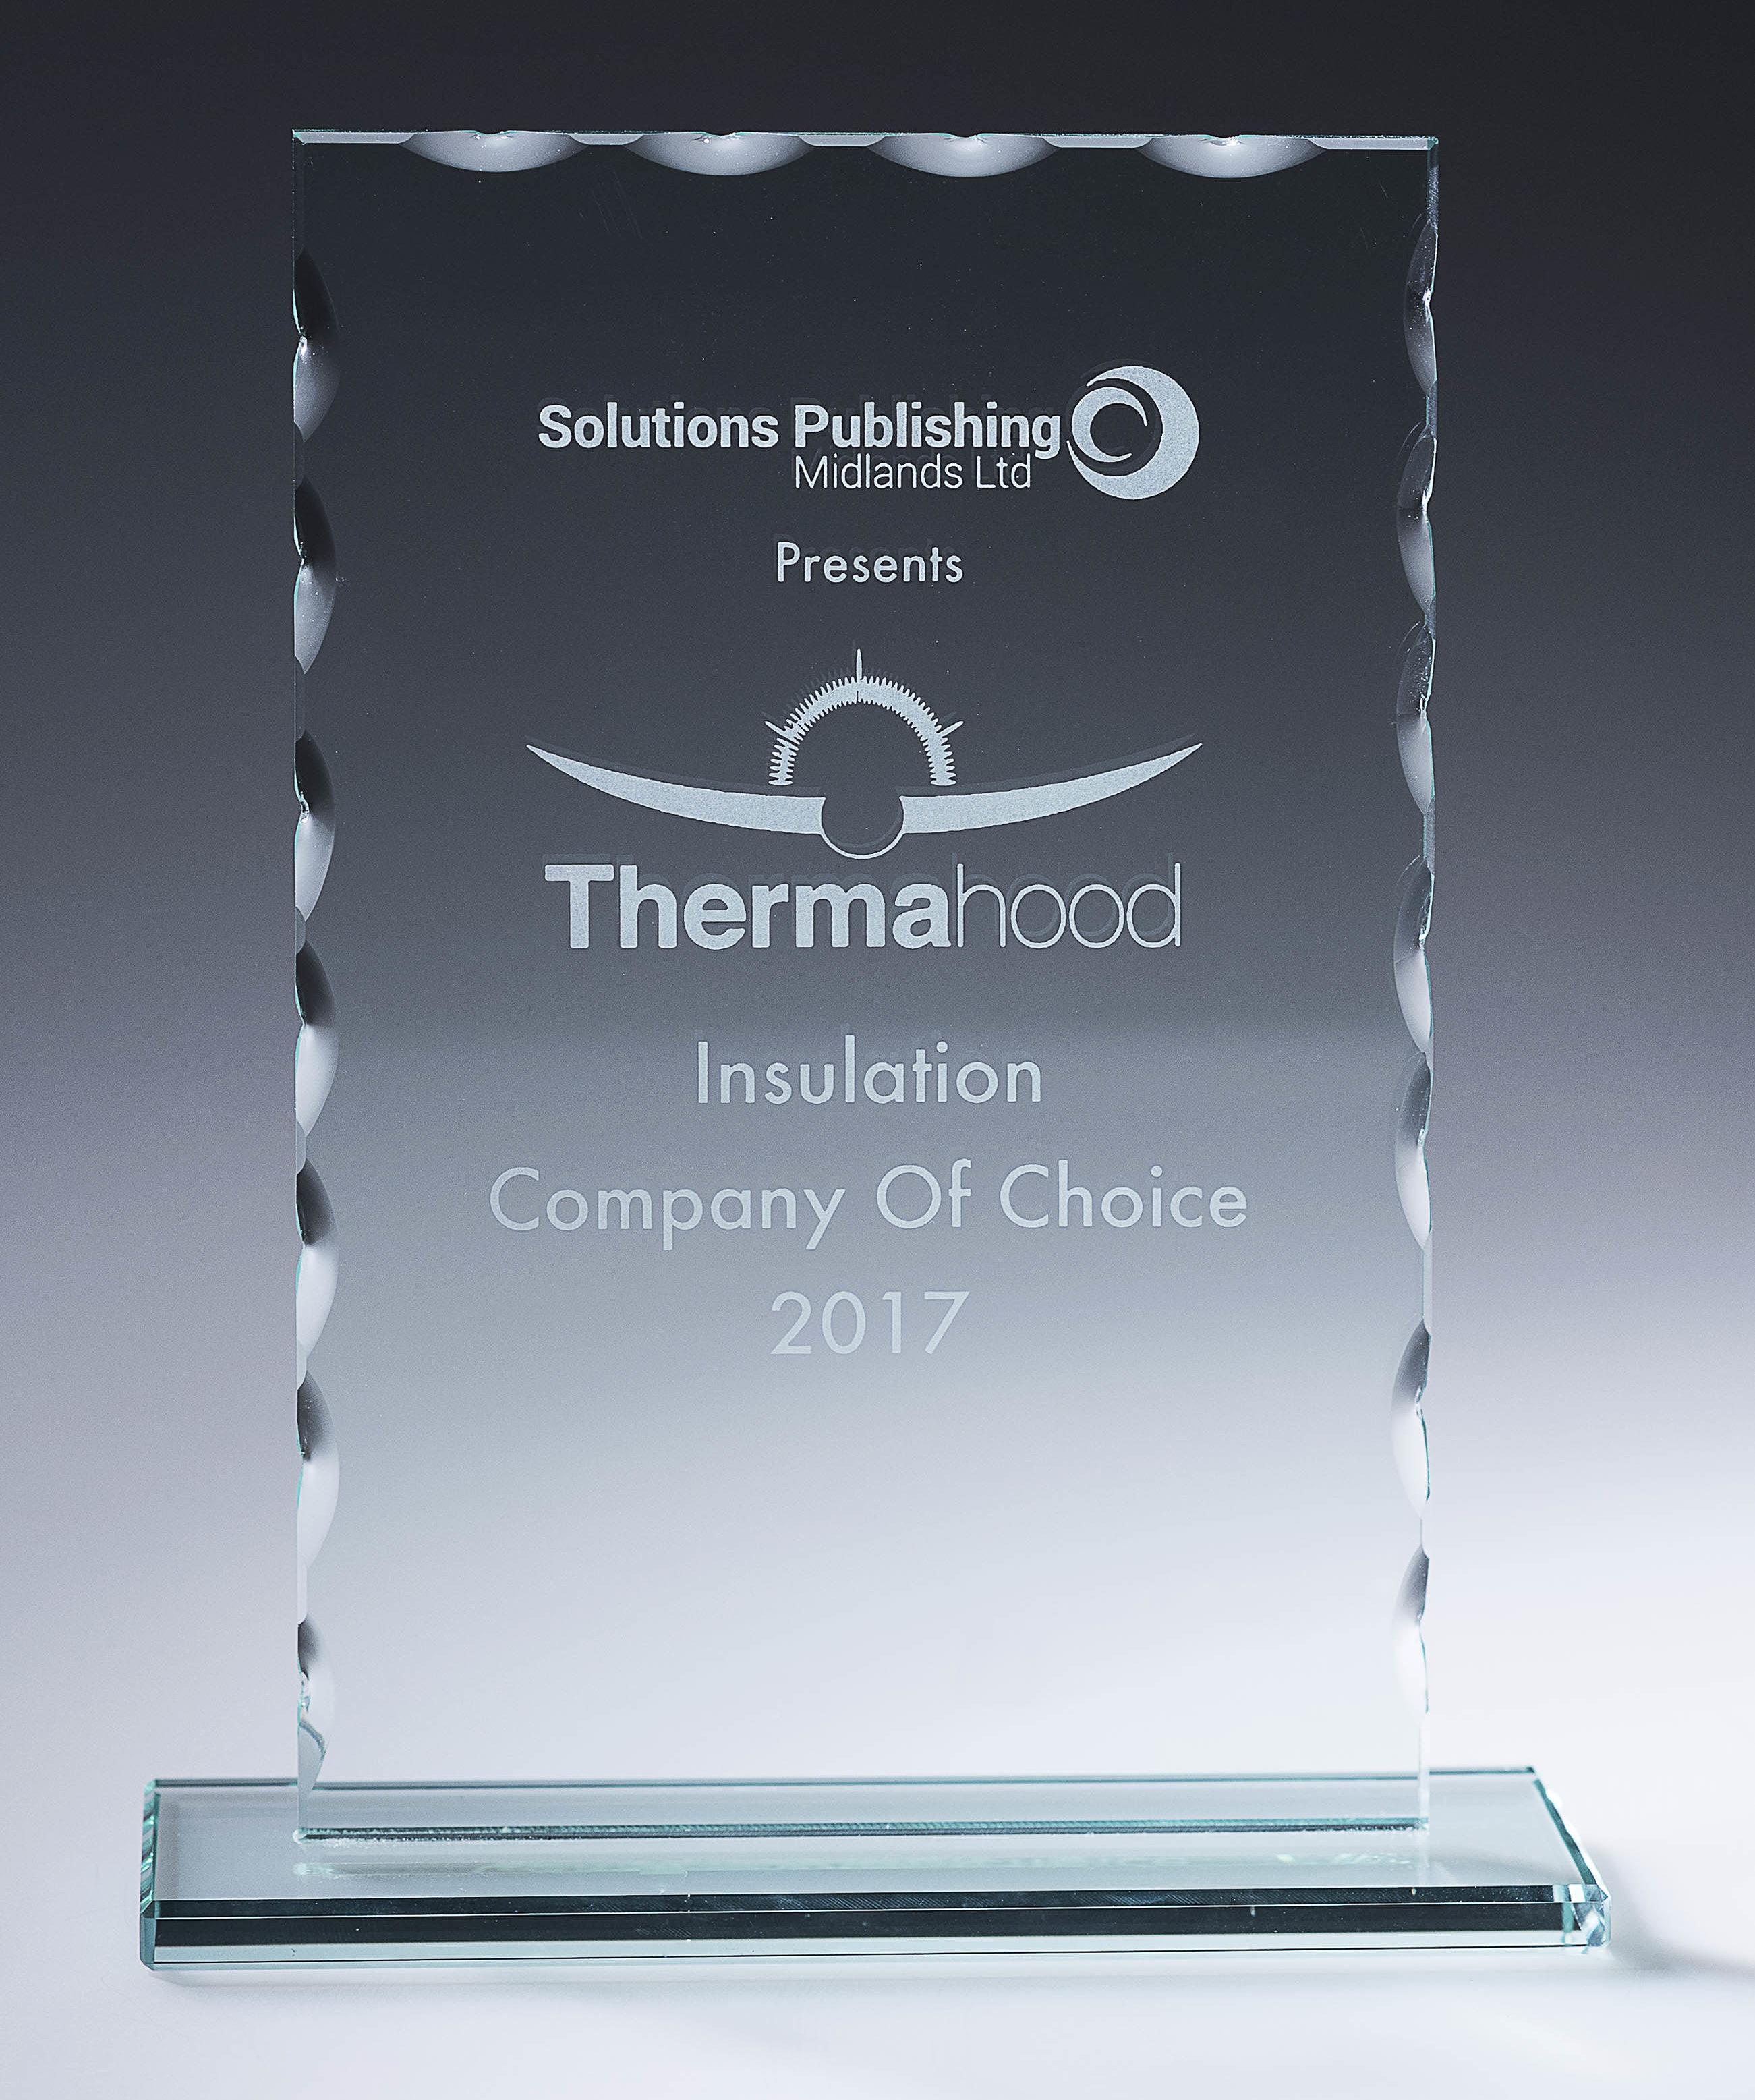 Awards - Insulation company of choice 2017